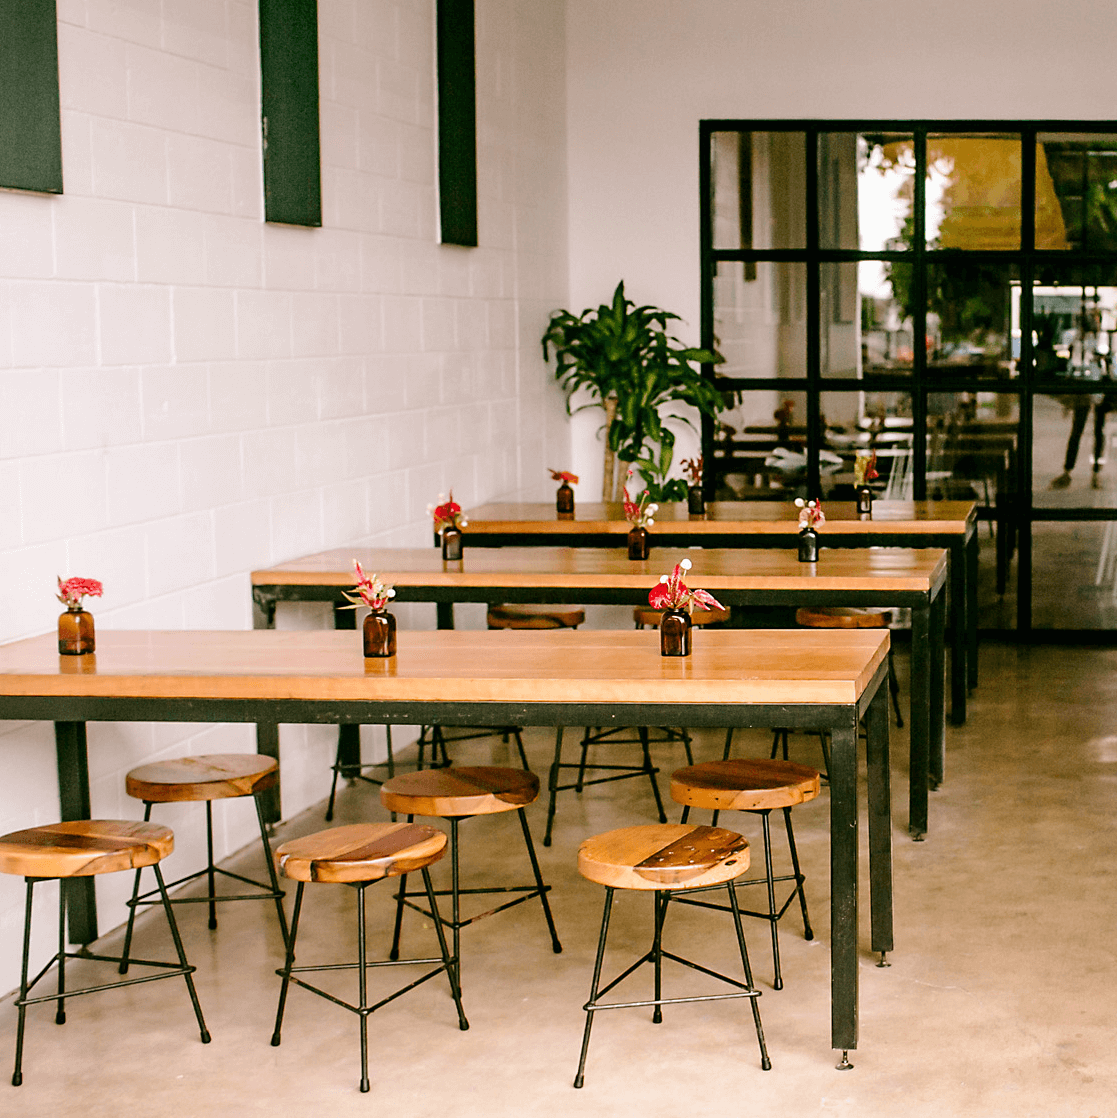 Picnik Burnet Road restaurant patio